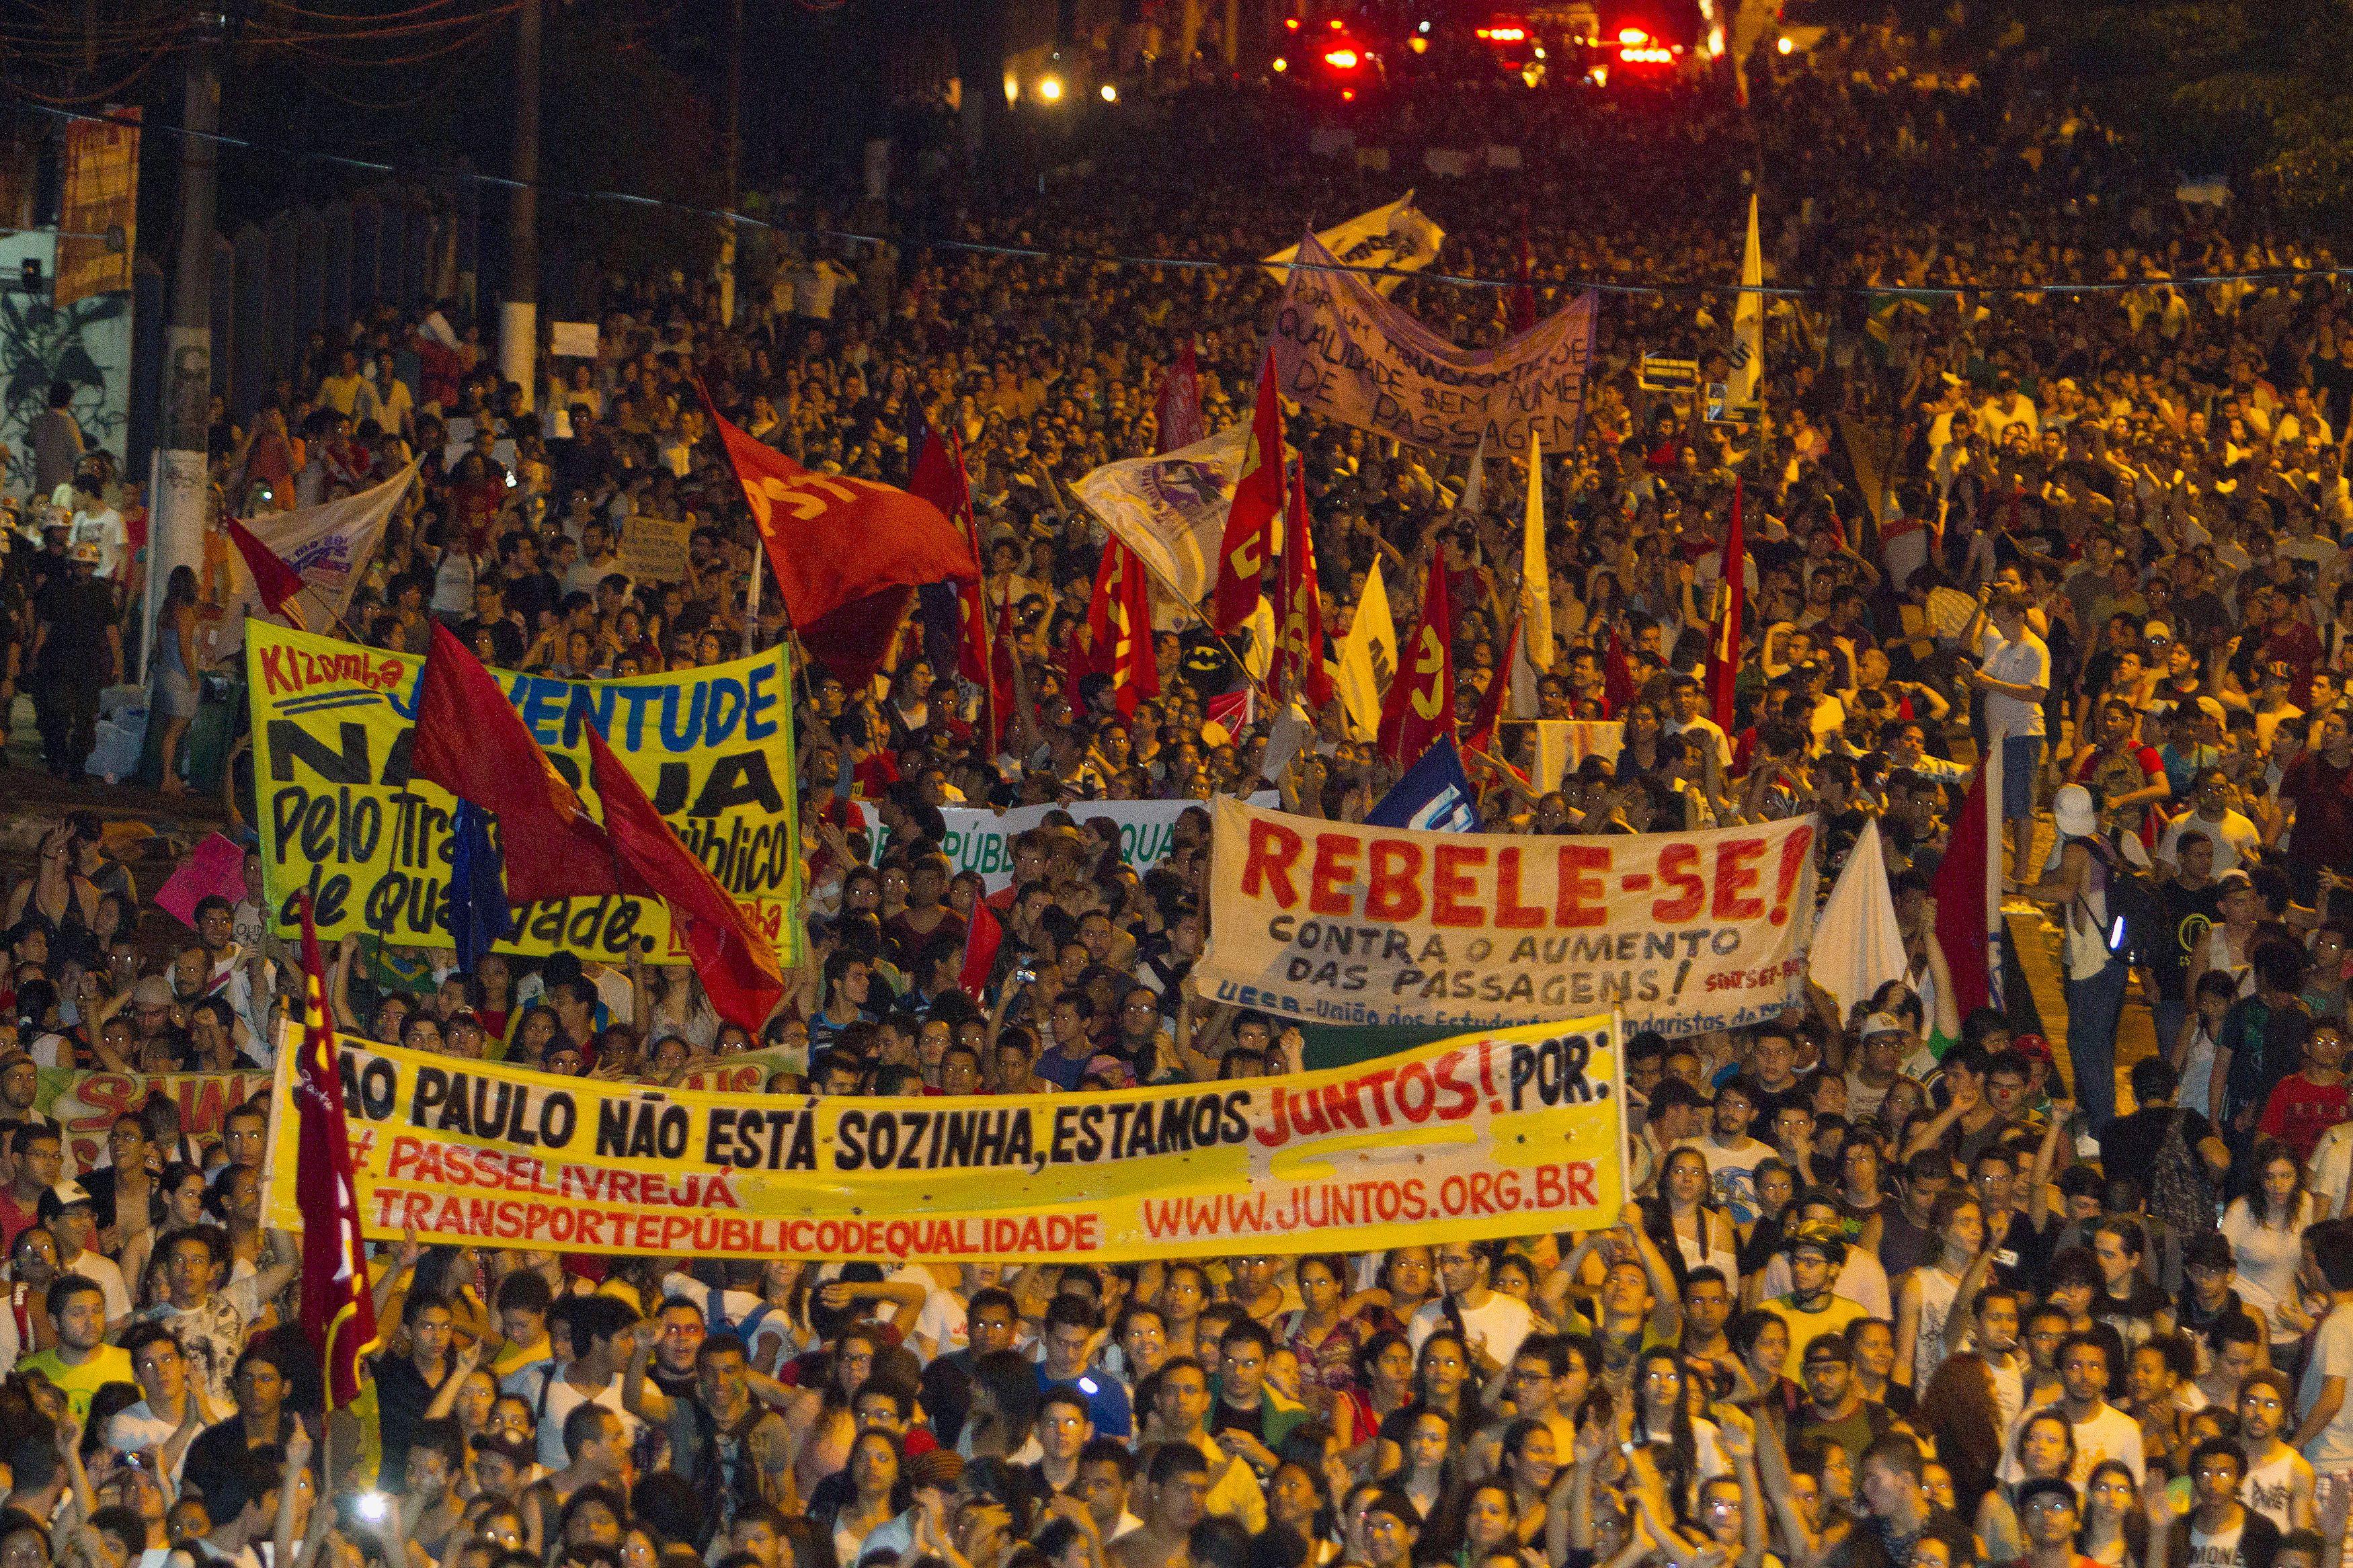 Brésil : les manifestations continuent malgré la baisse du prix des transports